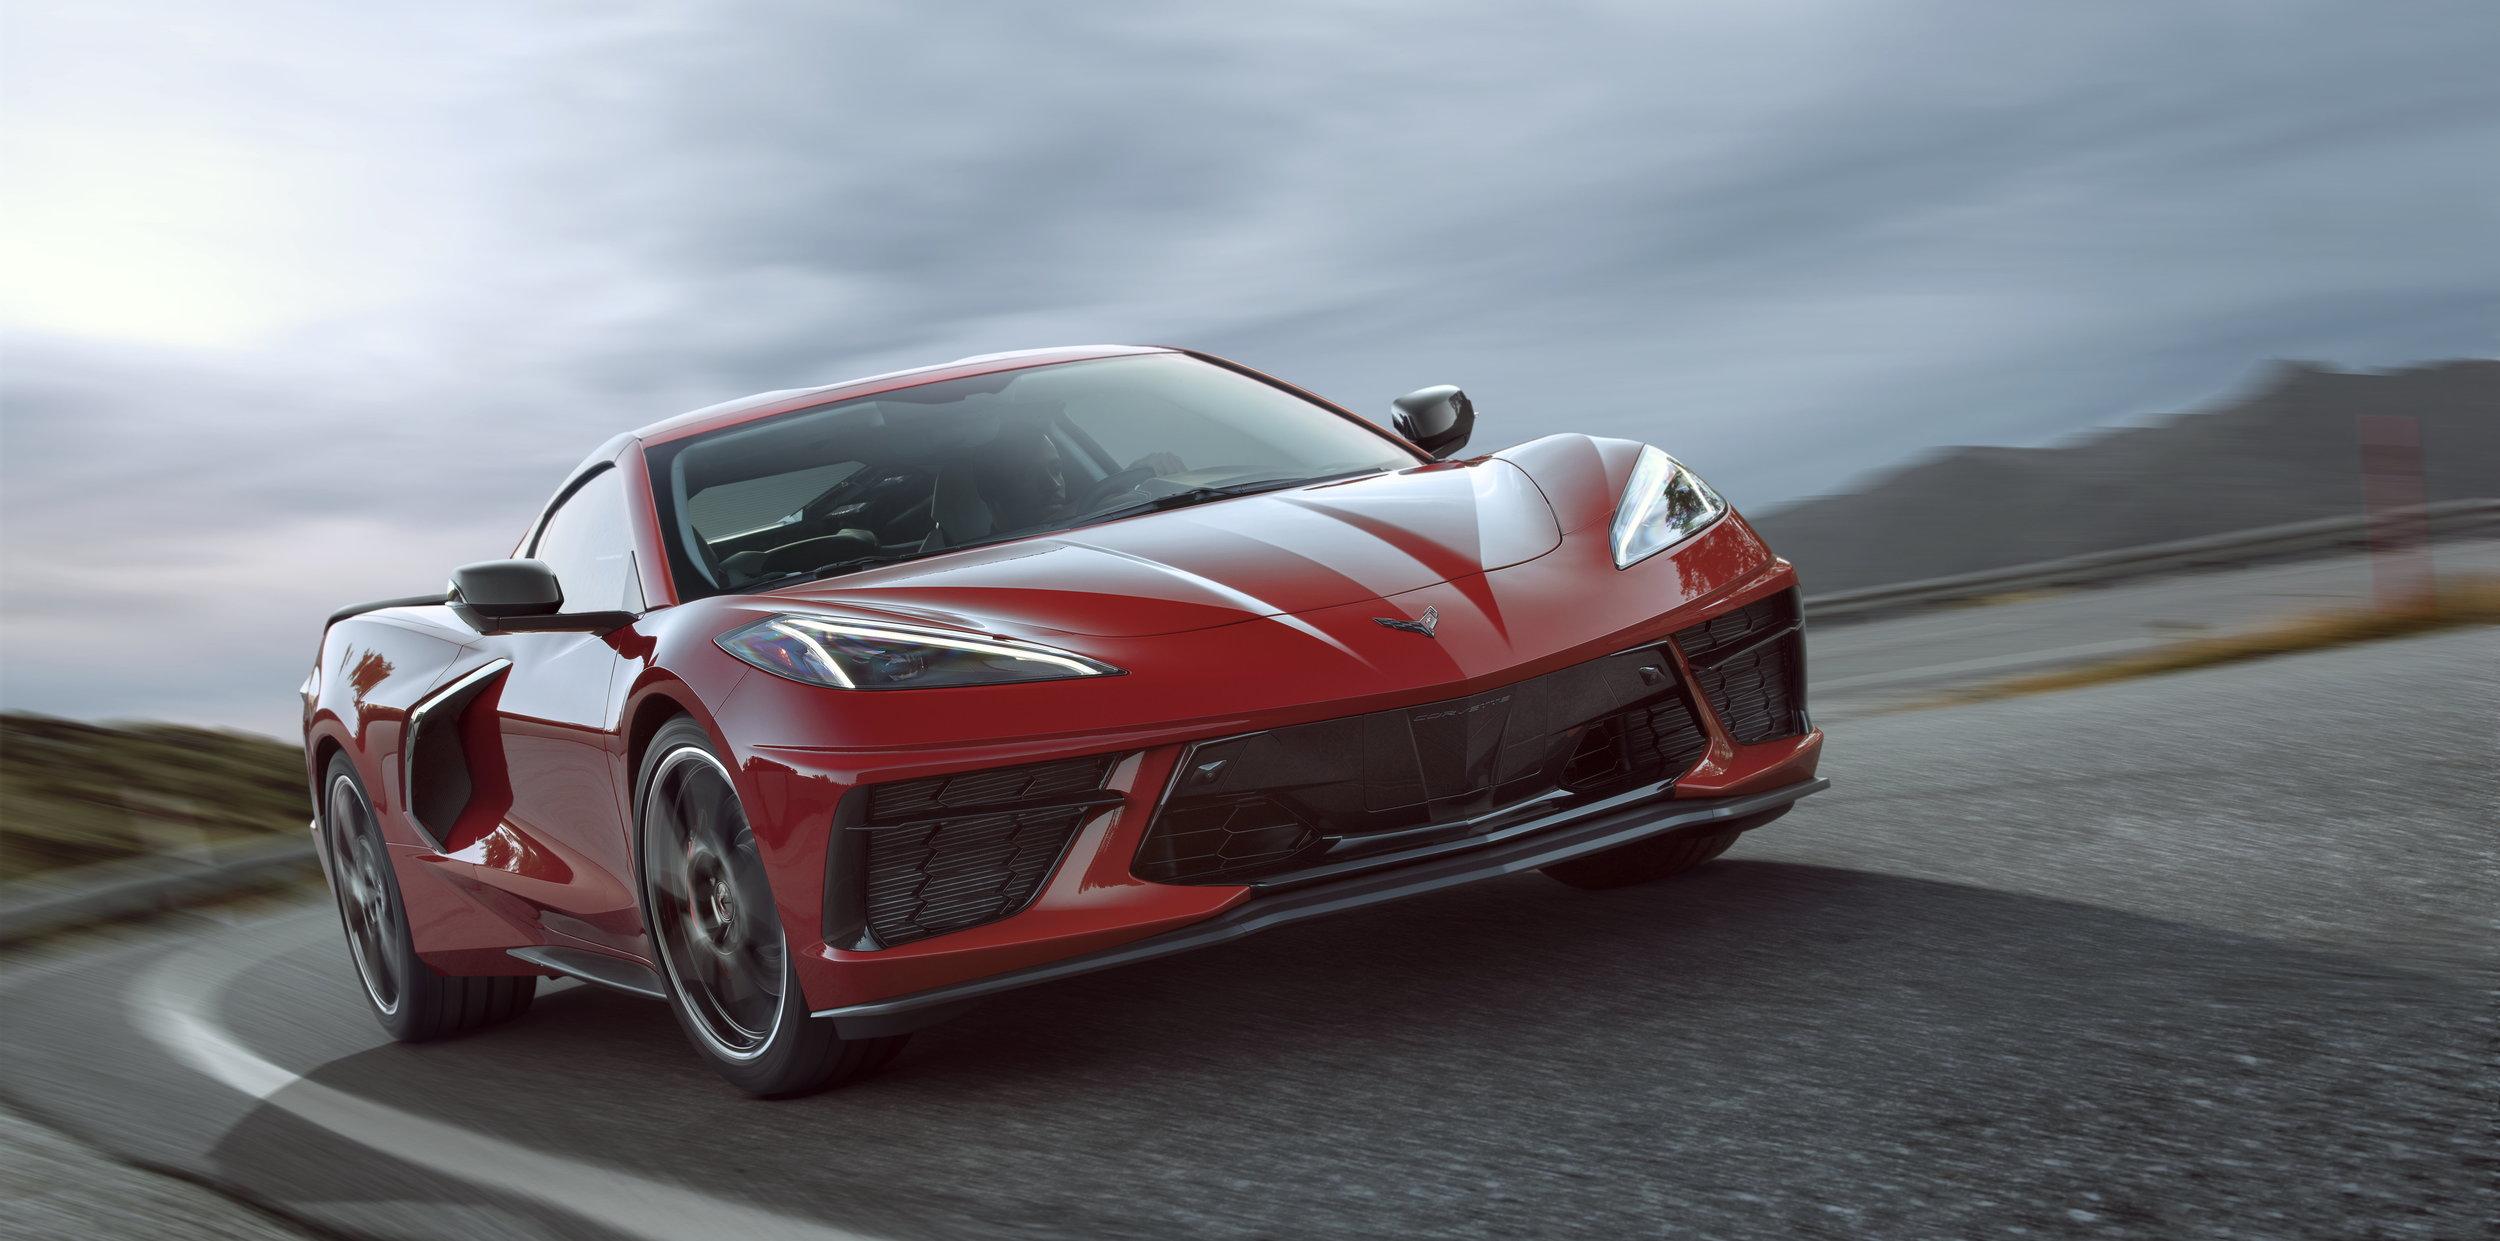 2020-Chevrolet-Corvette-Stingray-007.jpg